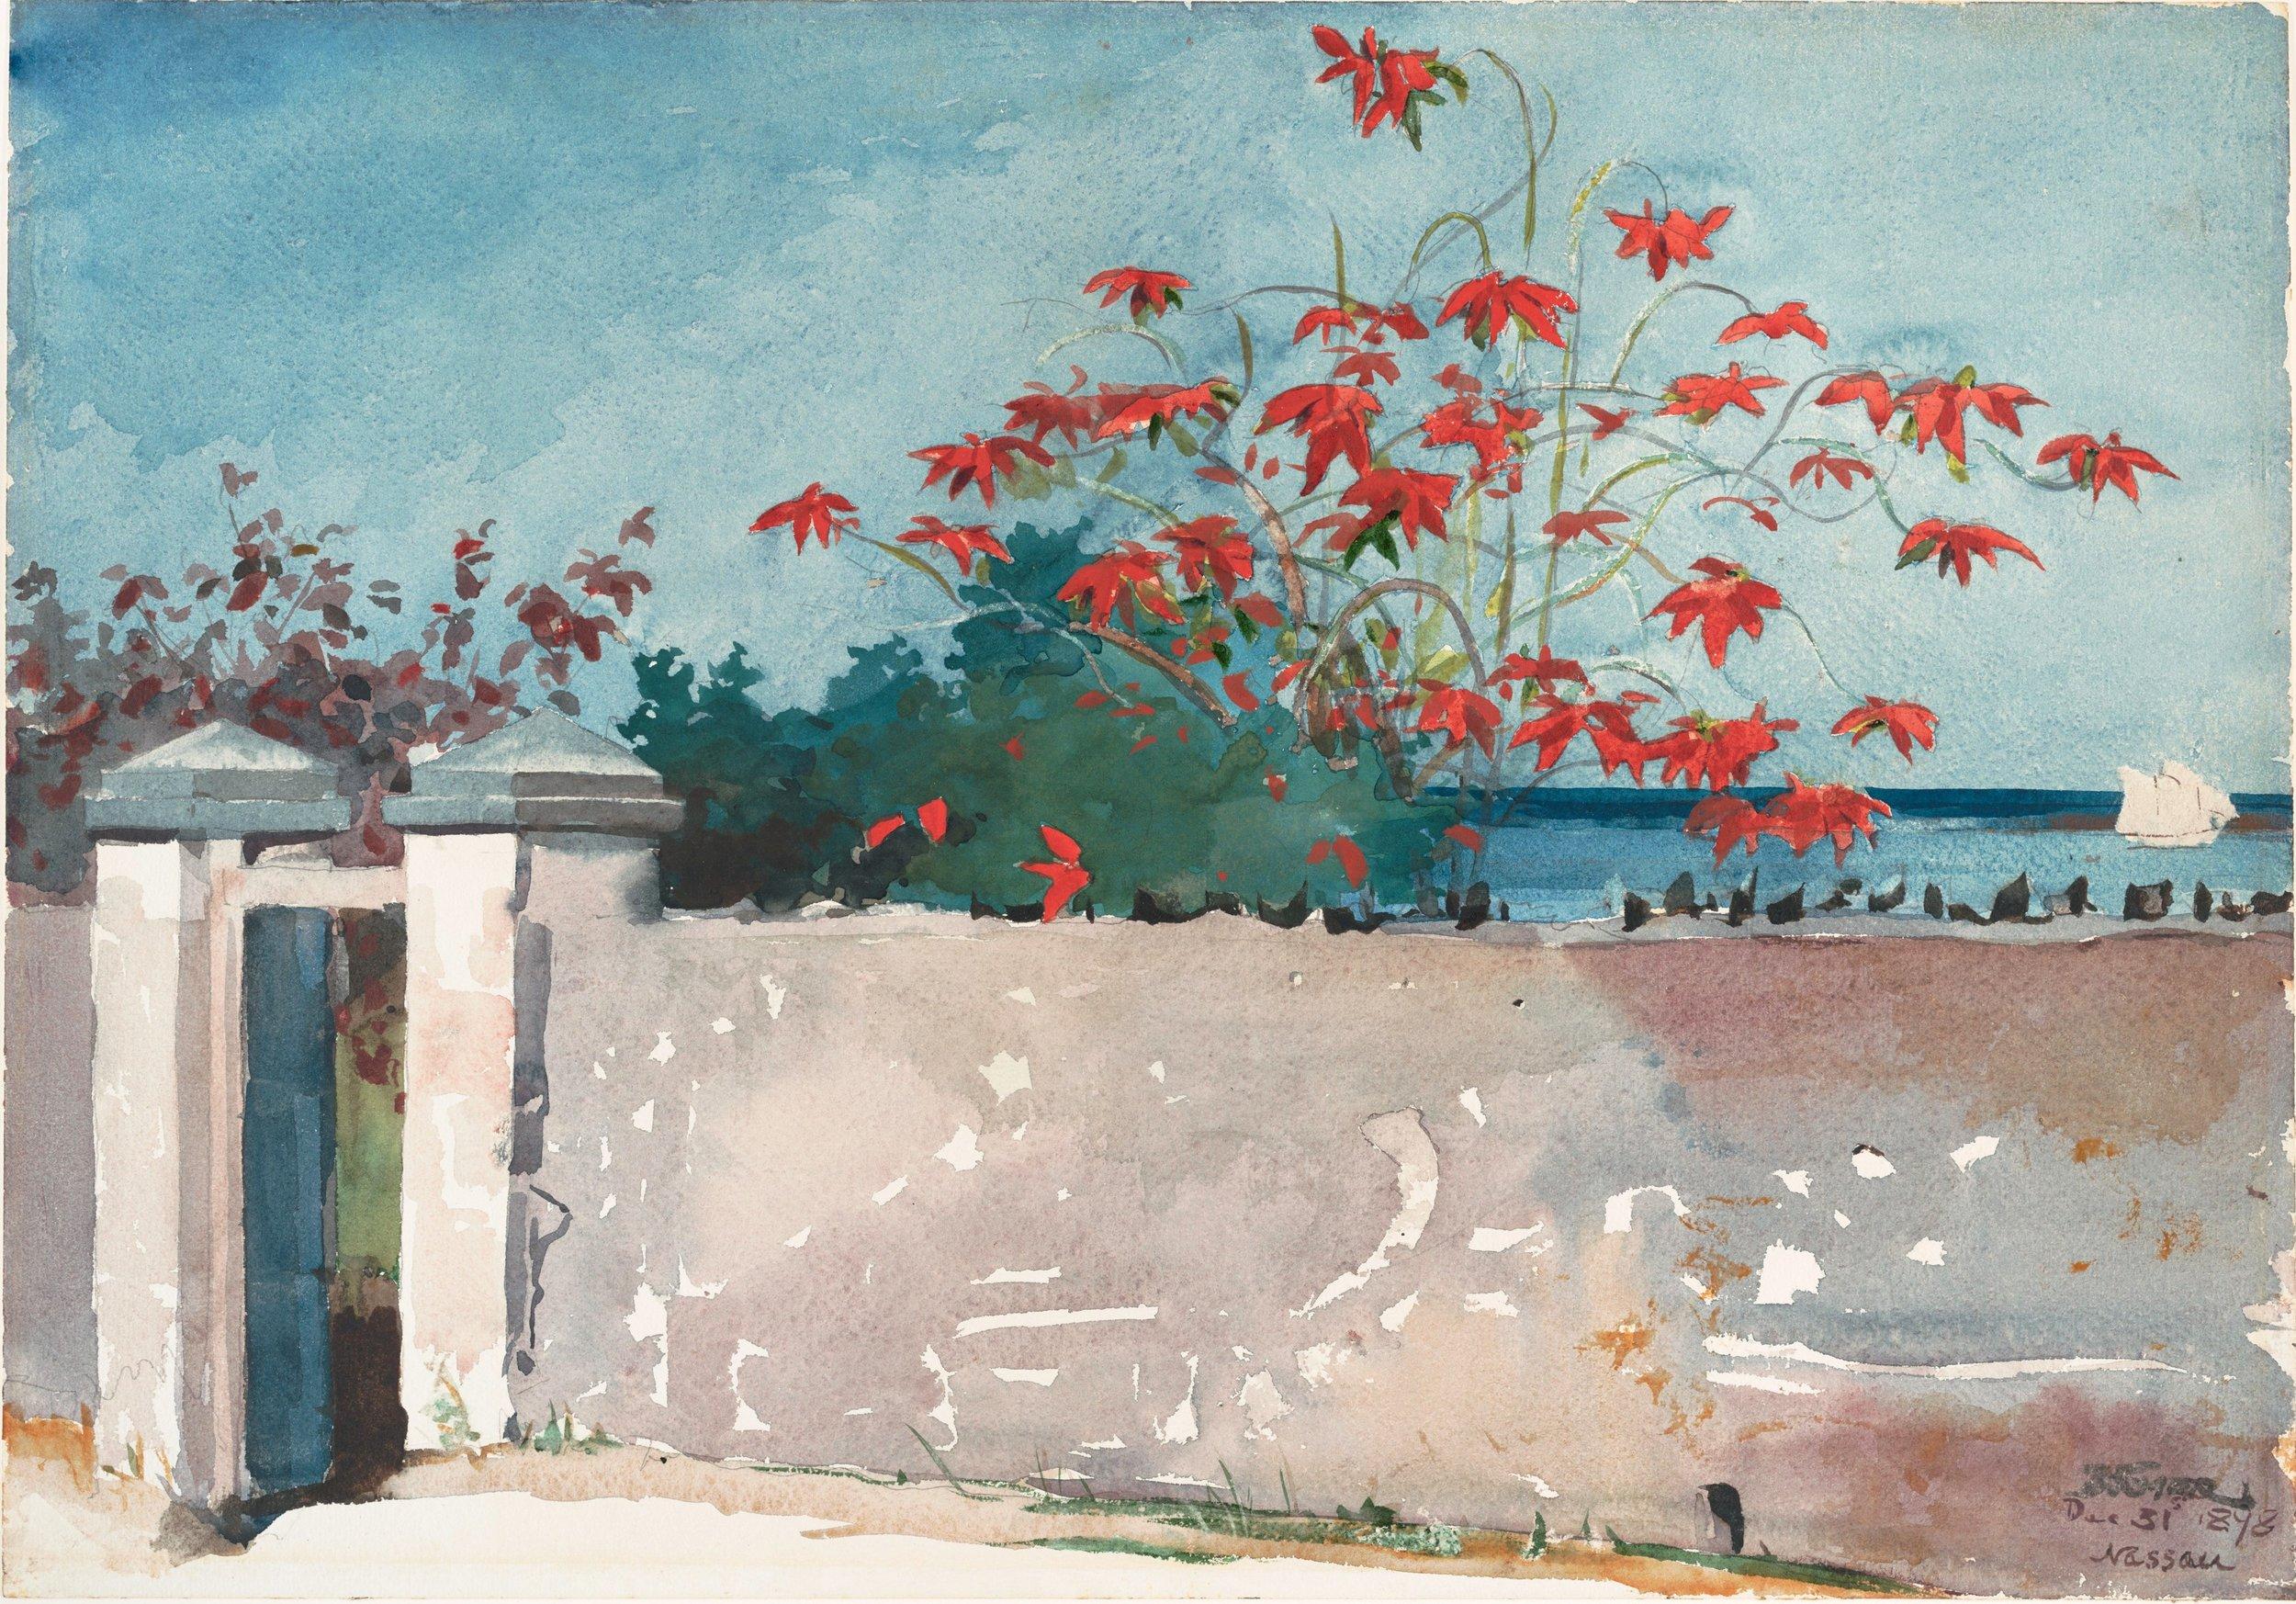 Winslow_Homer_-_A_Wall,_Nassau.jpg